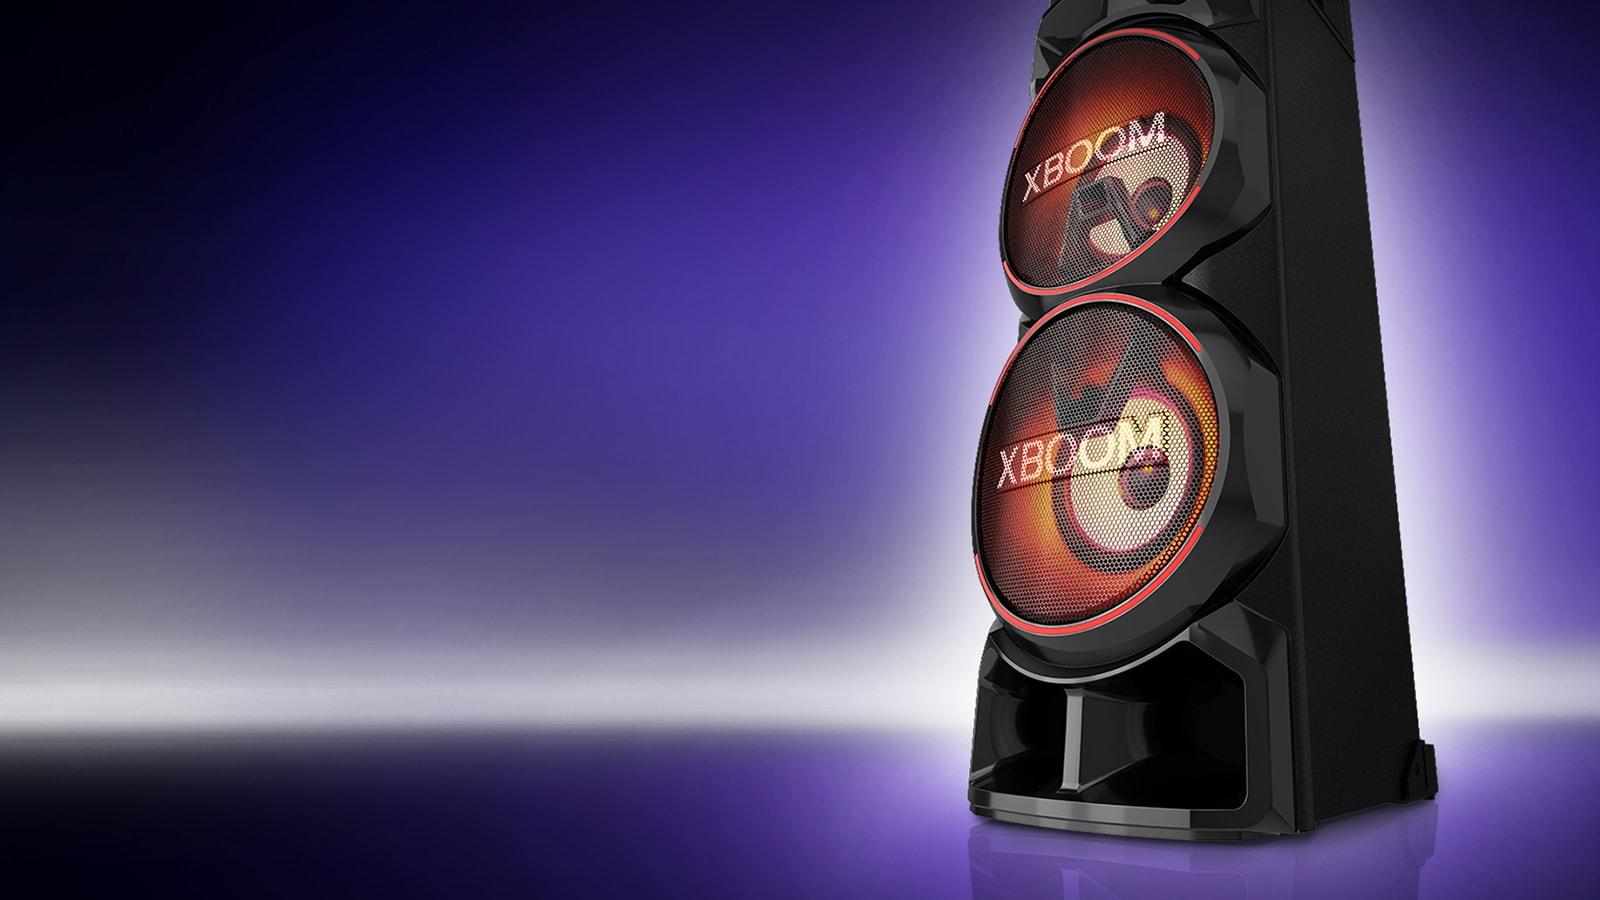 Desno stran sistema LG XBOOM prikažite pod nizkim kotom na vijolični podlagi. Luči v sistemu XBOOM so rdeče.